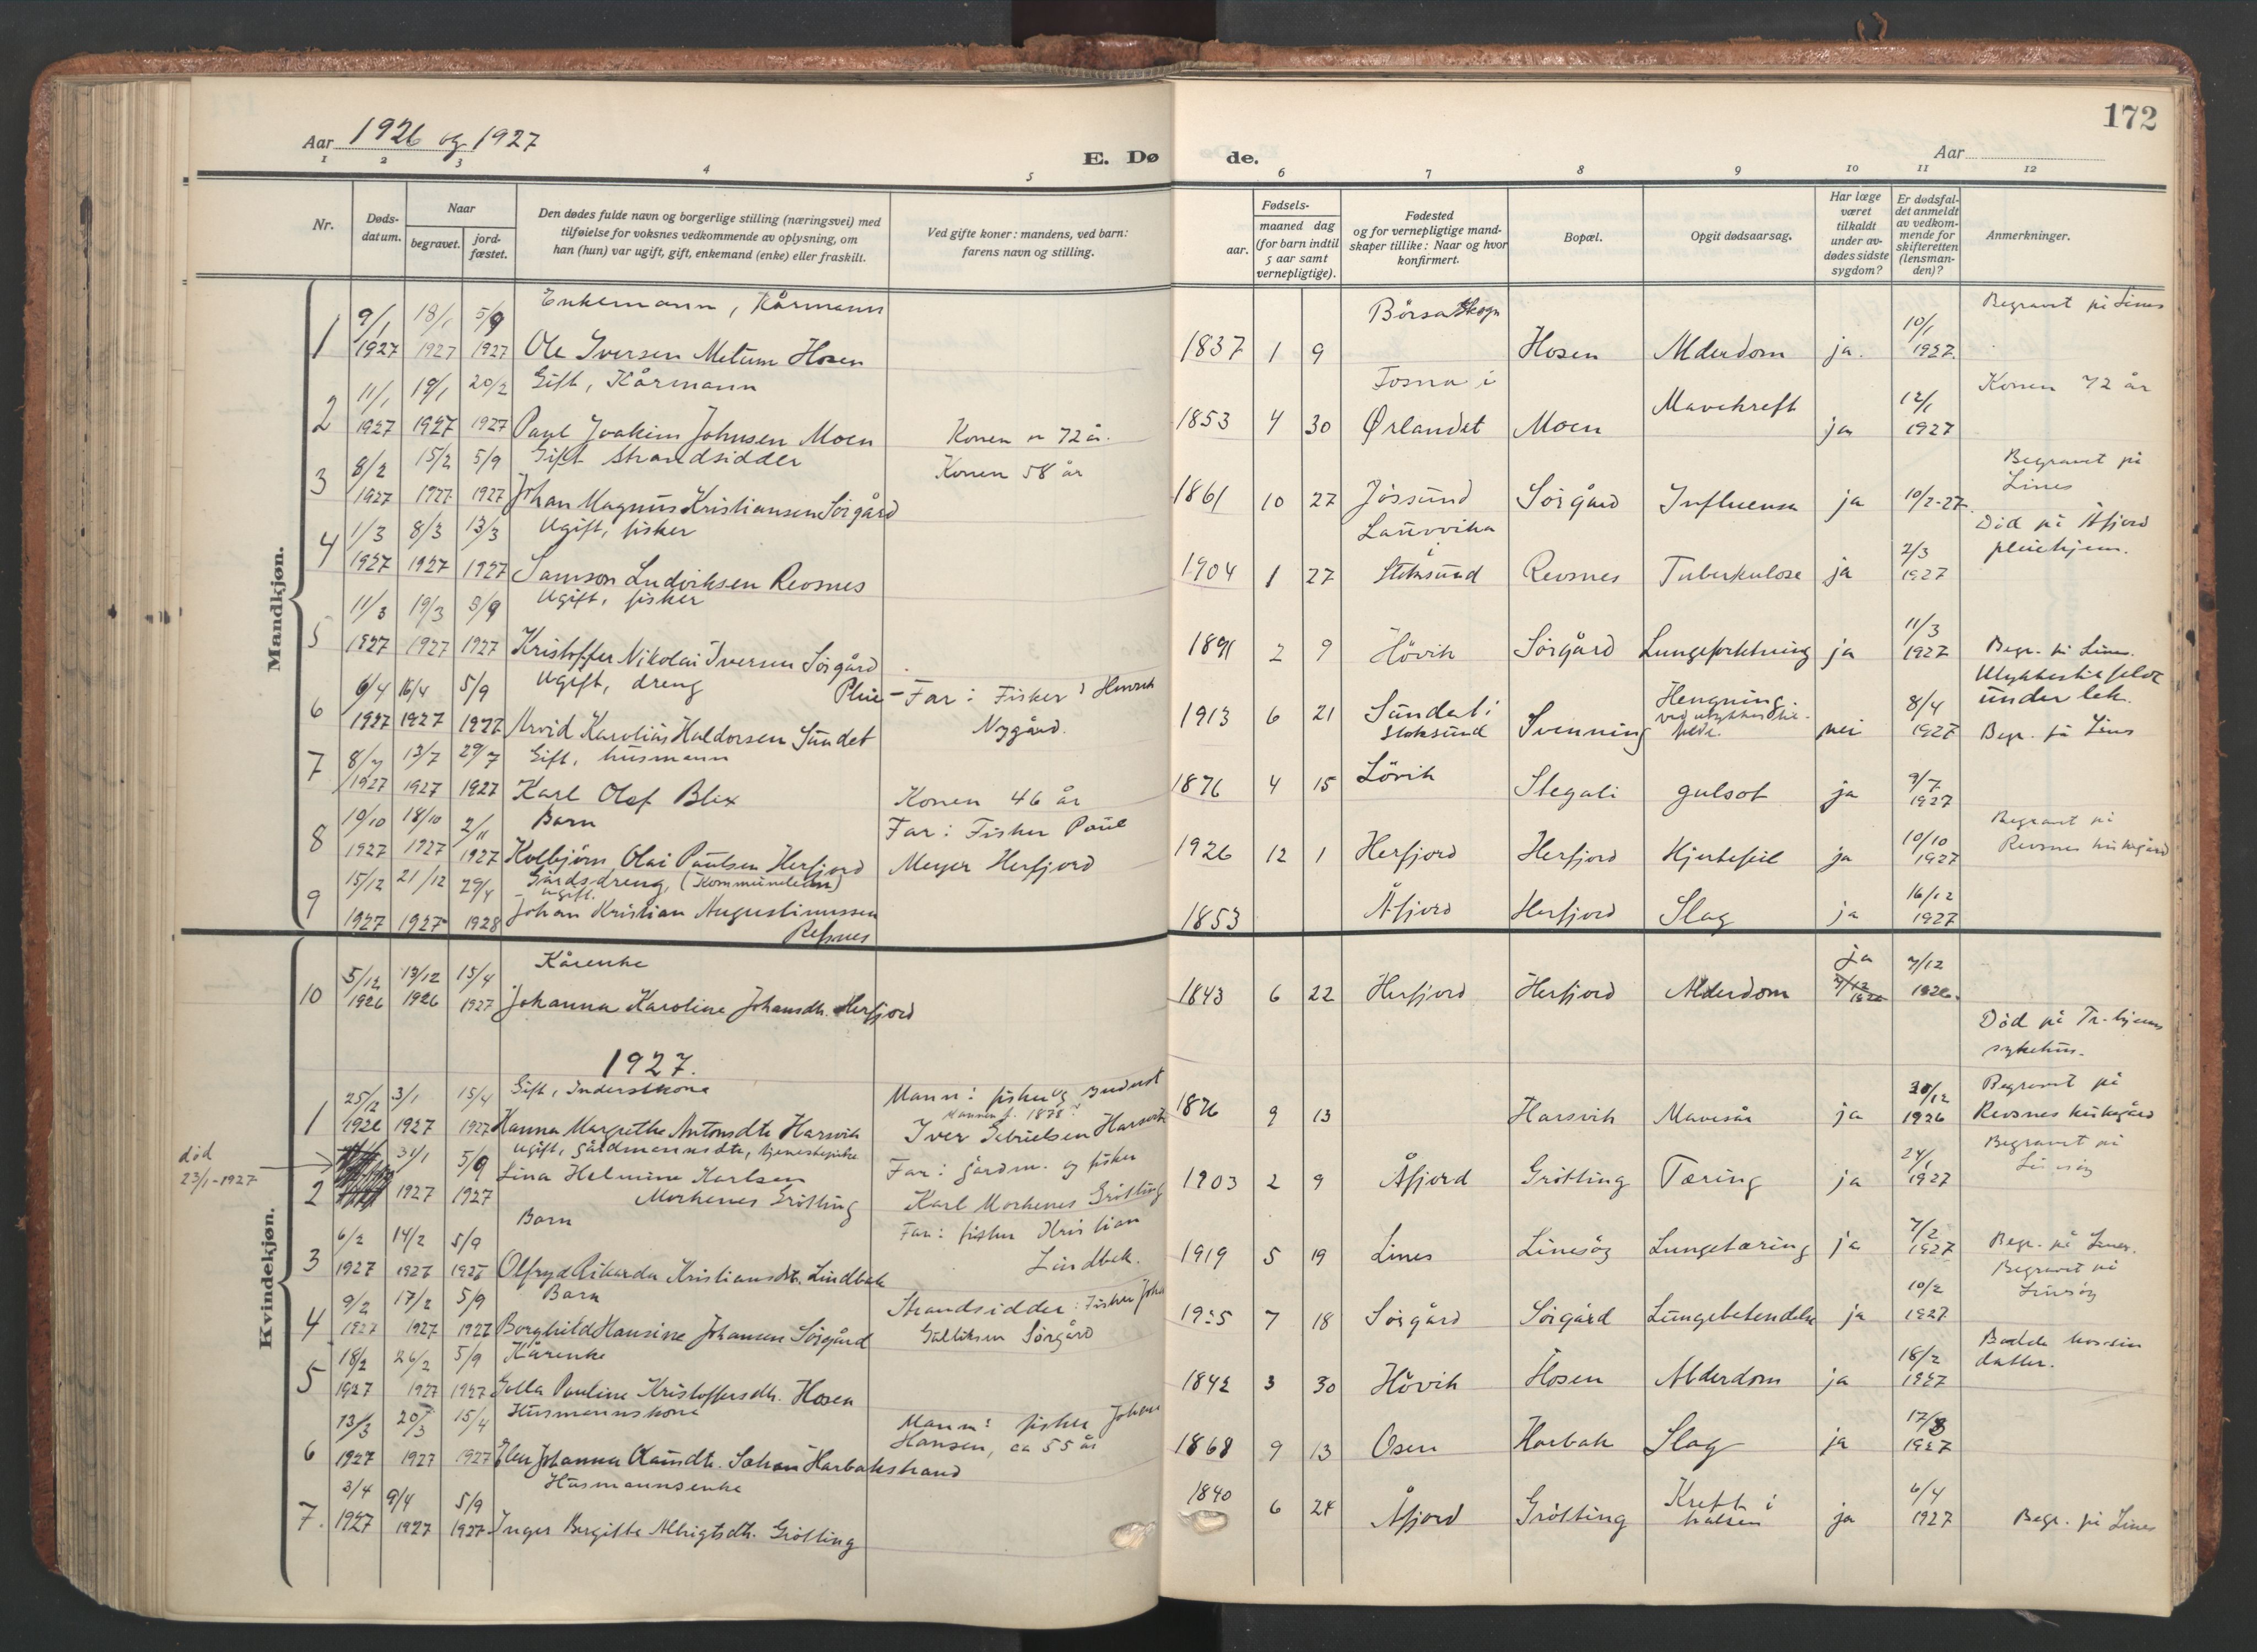 SAT, Ministerialprotokoller, klokkerbøker og fødselsregistre - Sør-Trøndelag, 656/L0694: Ministerialbok nr. 656A03, 1914-1931, s. 172